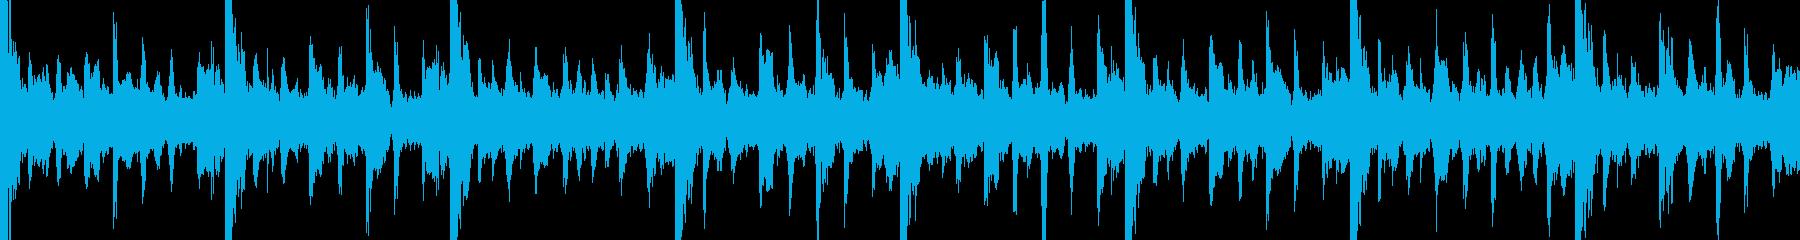 シリアスな曲の再生済みの波形